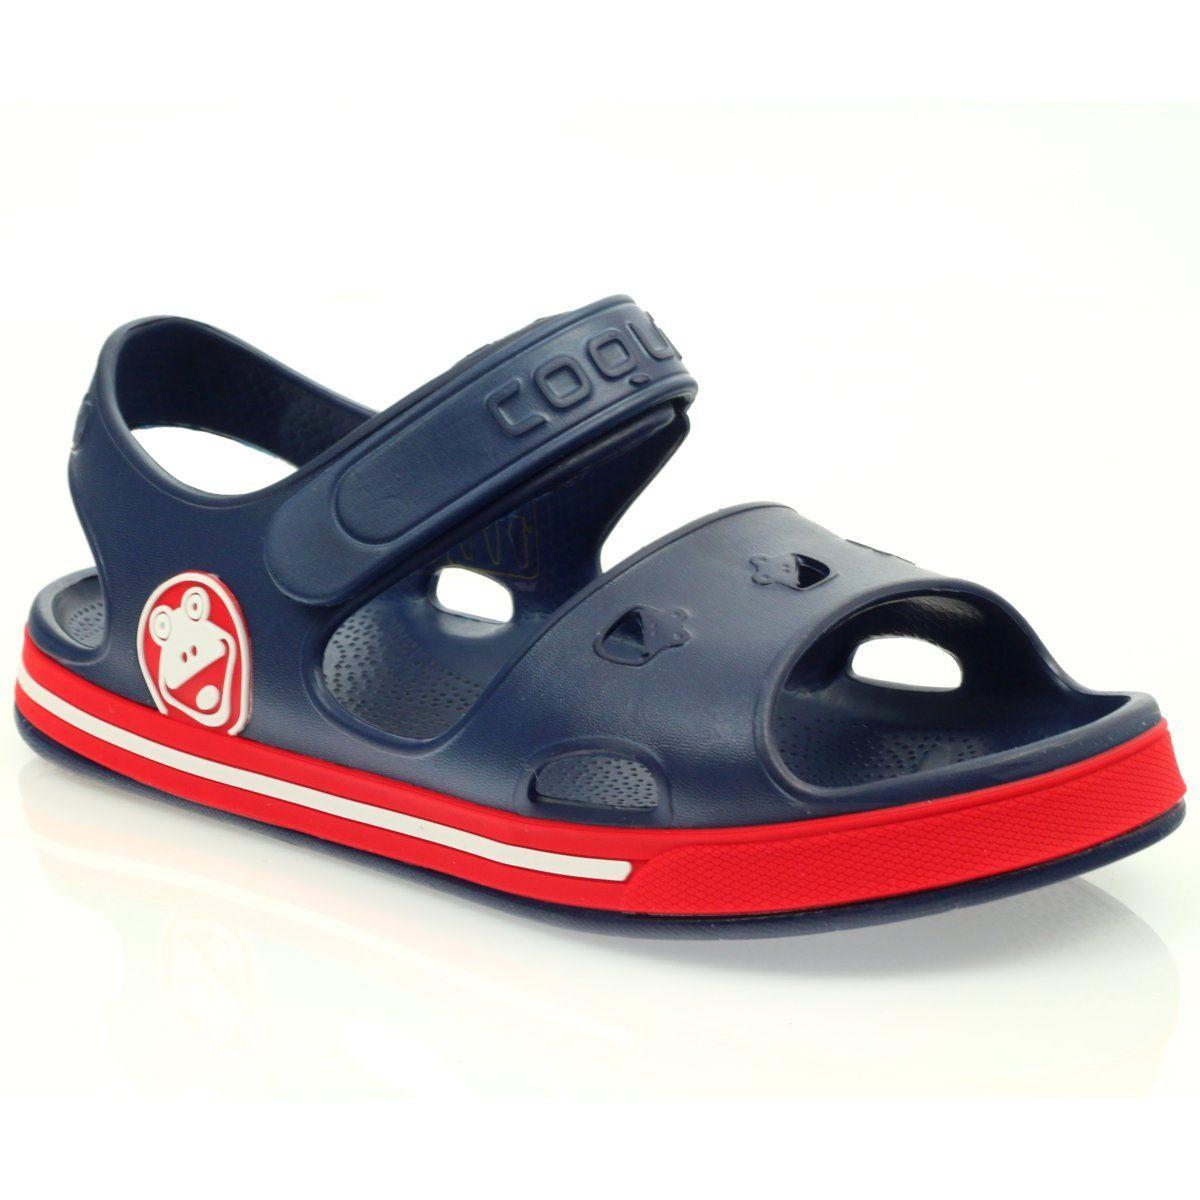 Sandalki Dzieciece Dla Dzieci Innamarka Sandalki Do Wody Zabka Coqui Granatowe Kid Shoes Princess Shoes Pink Shoes